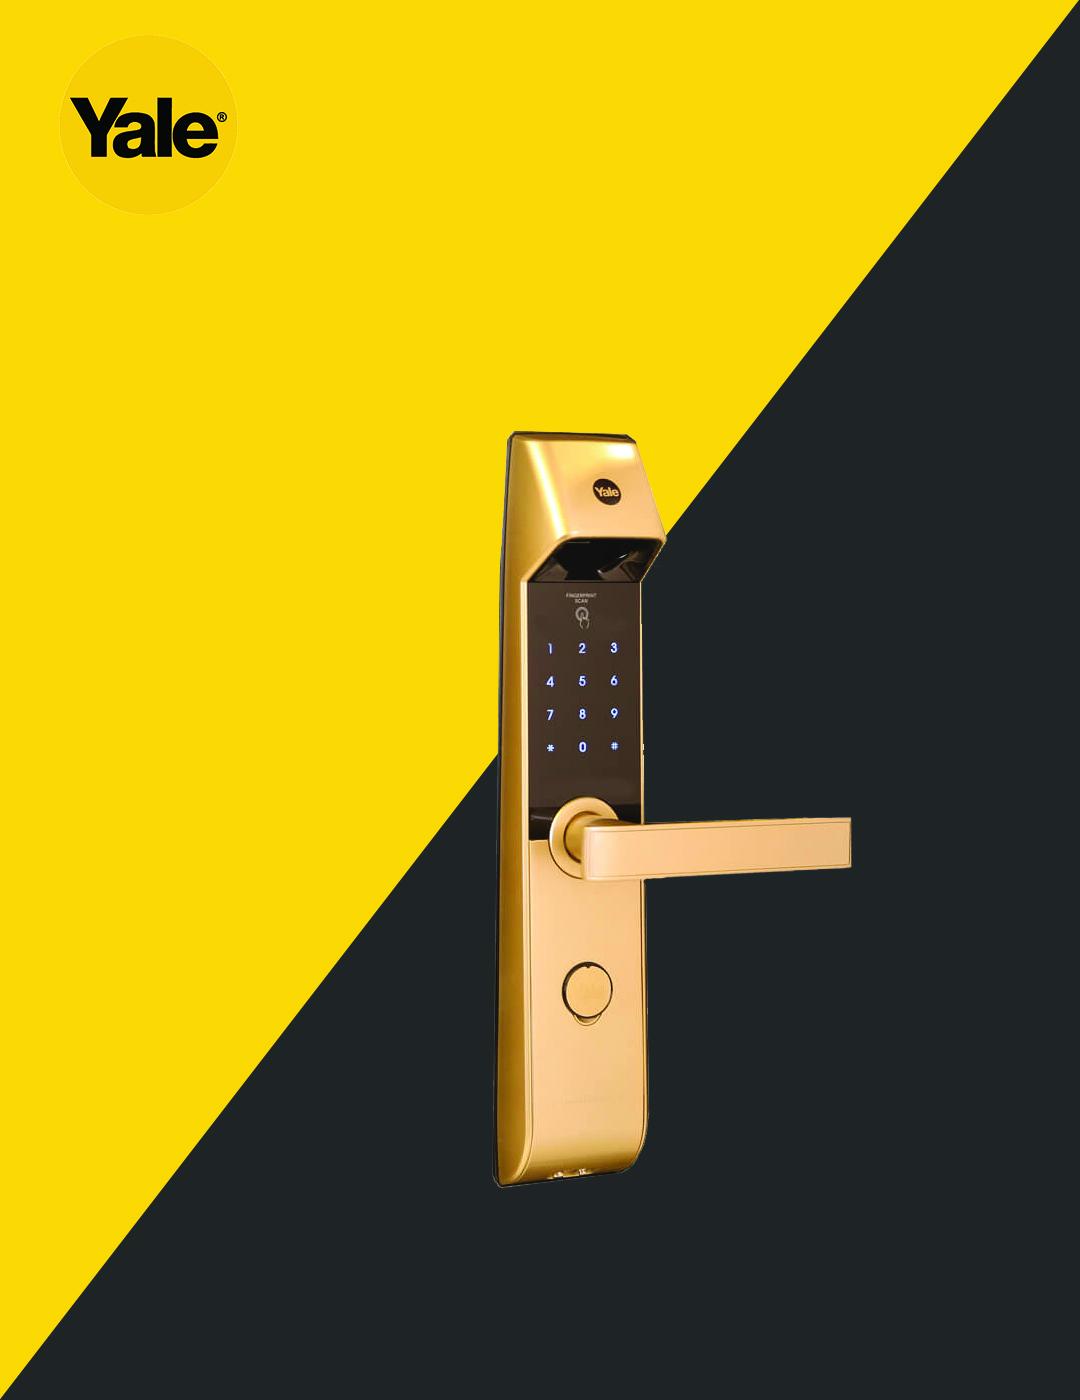 قفل دیجیتال یال مدل YDM4216